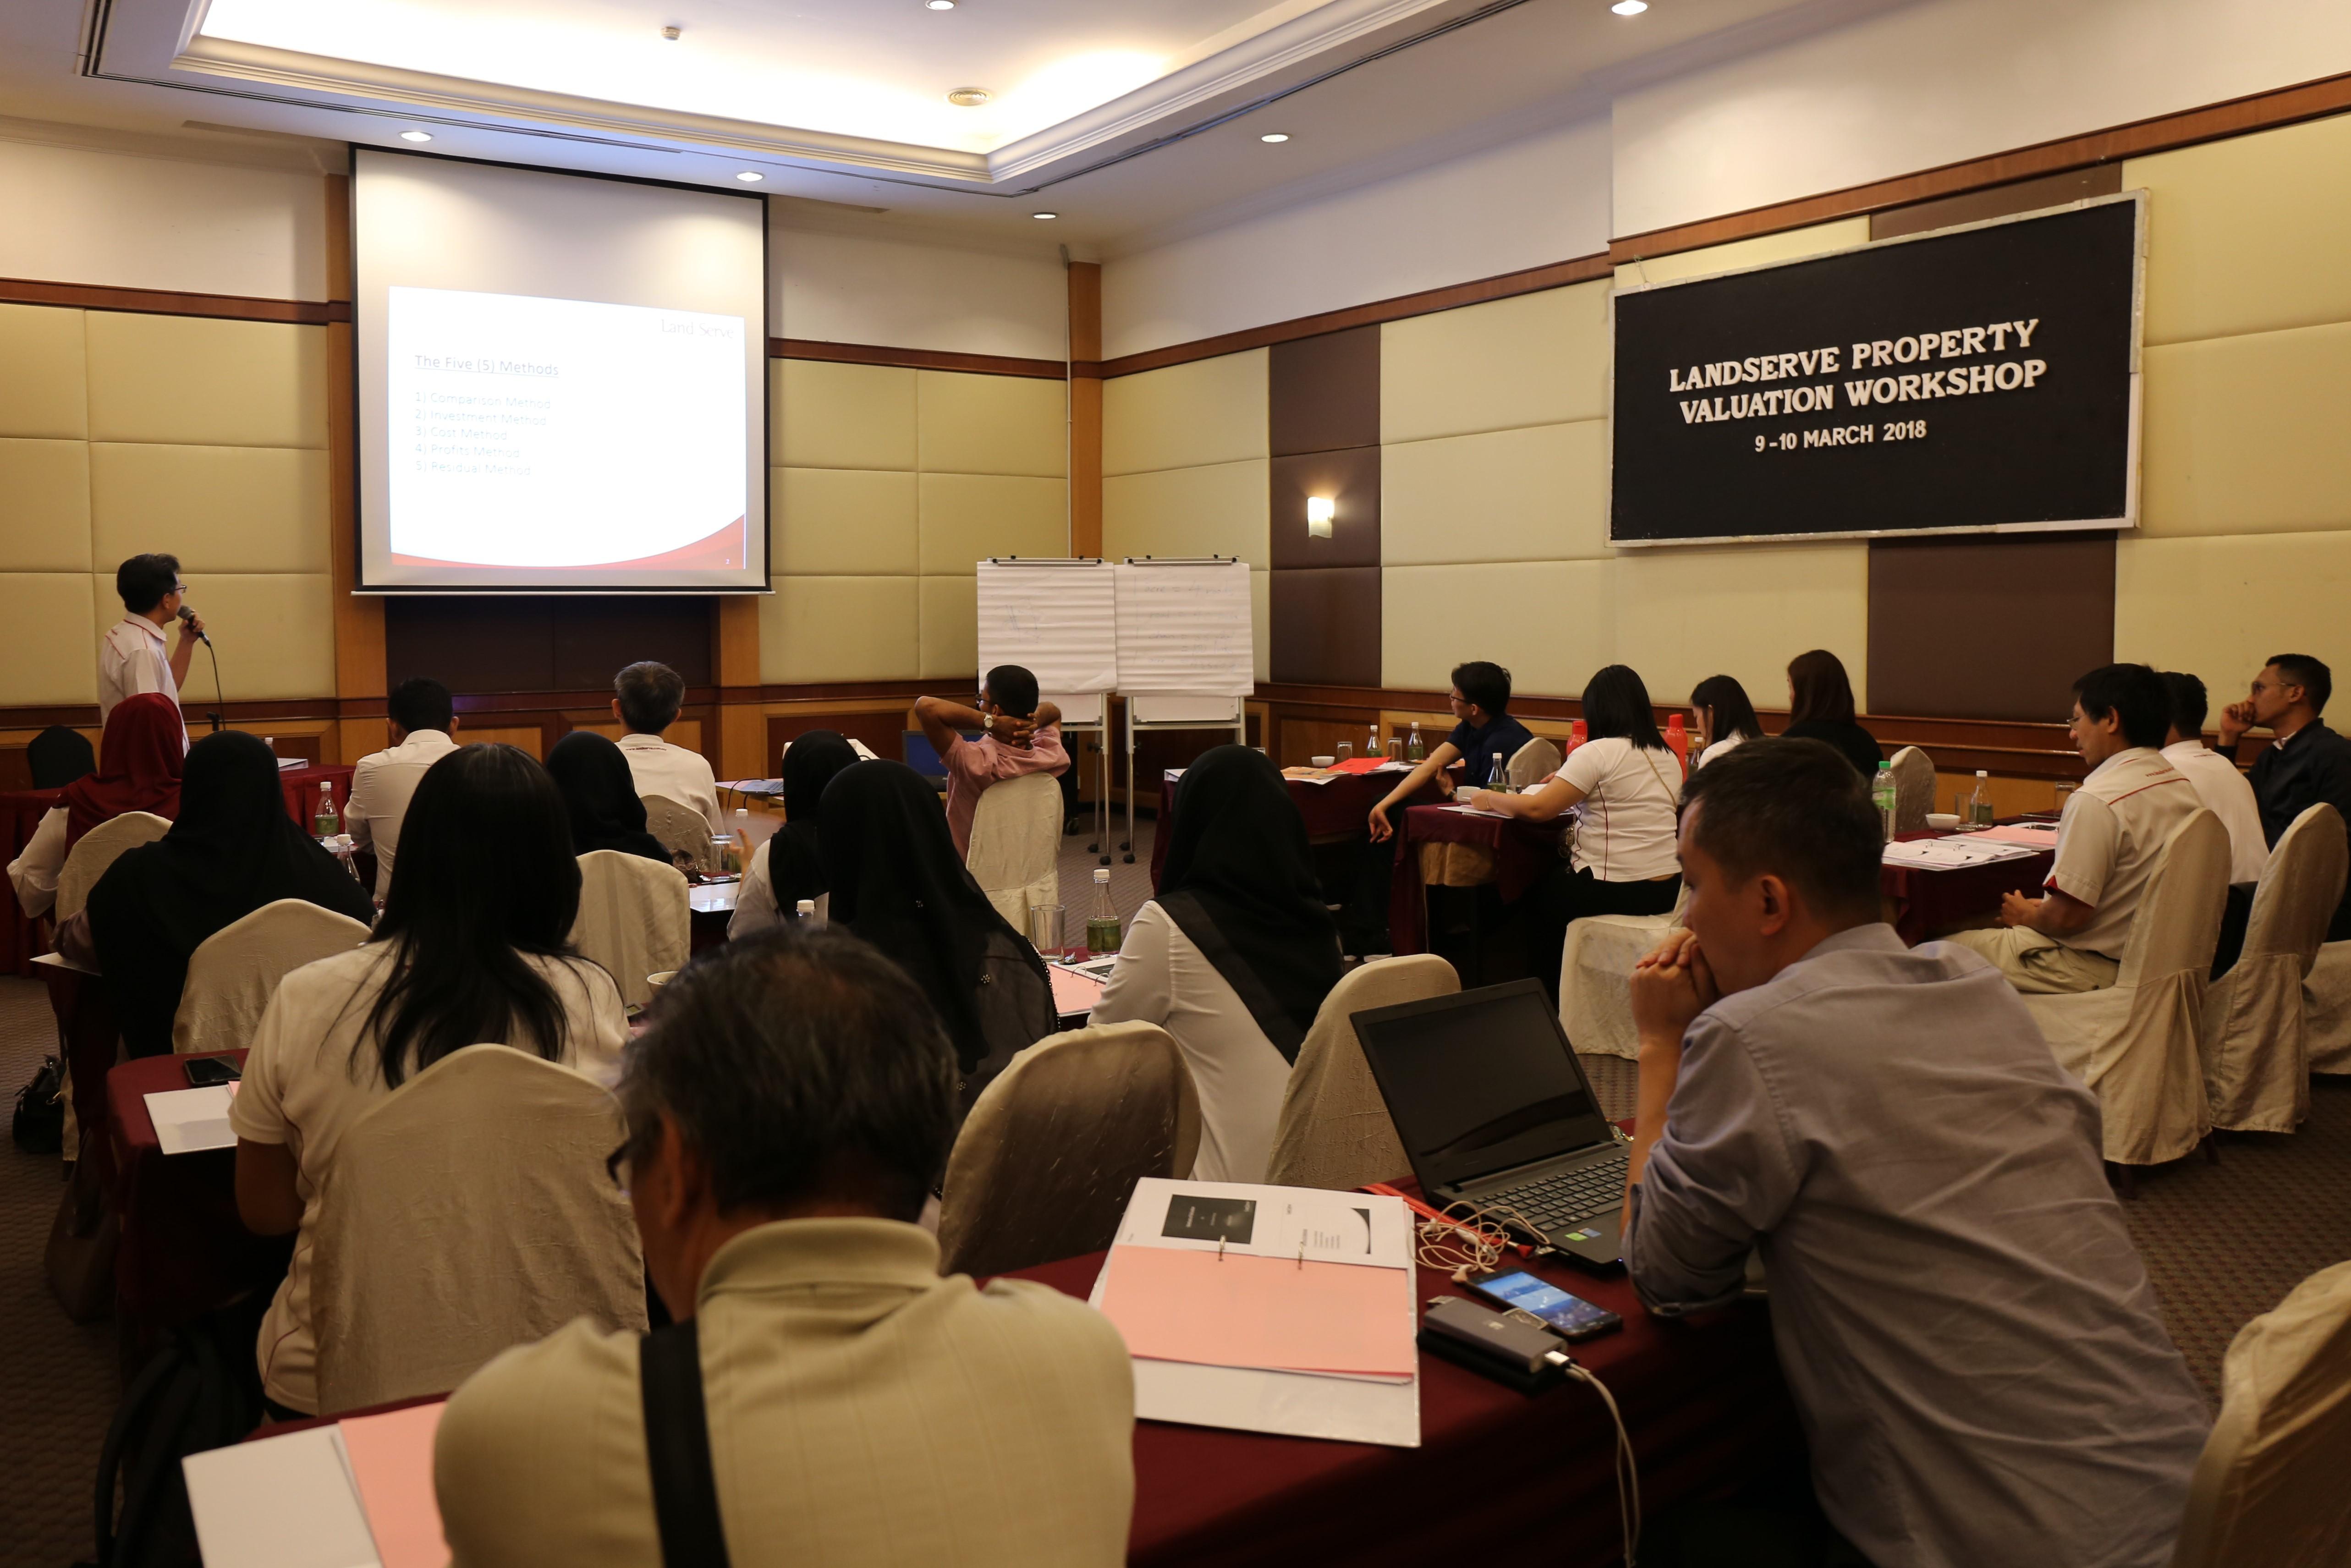 Landserve Property Valuation Workshop